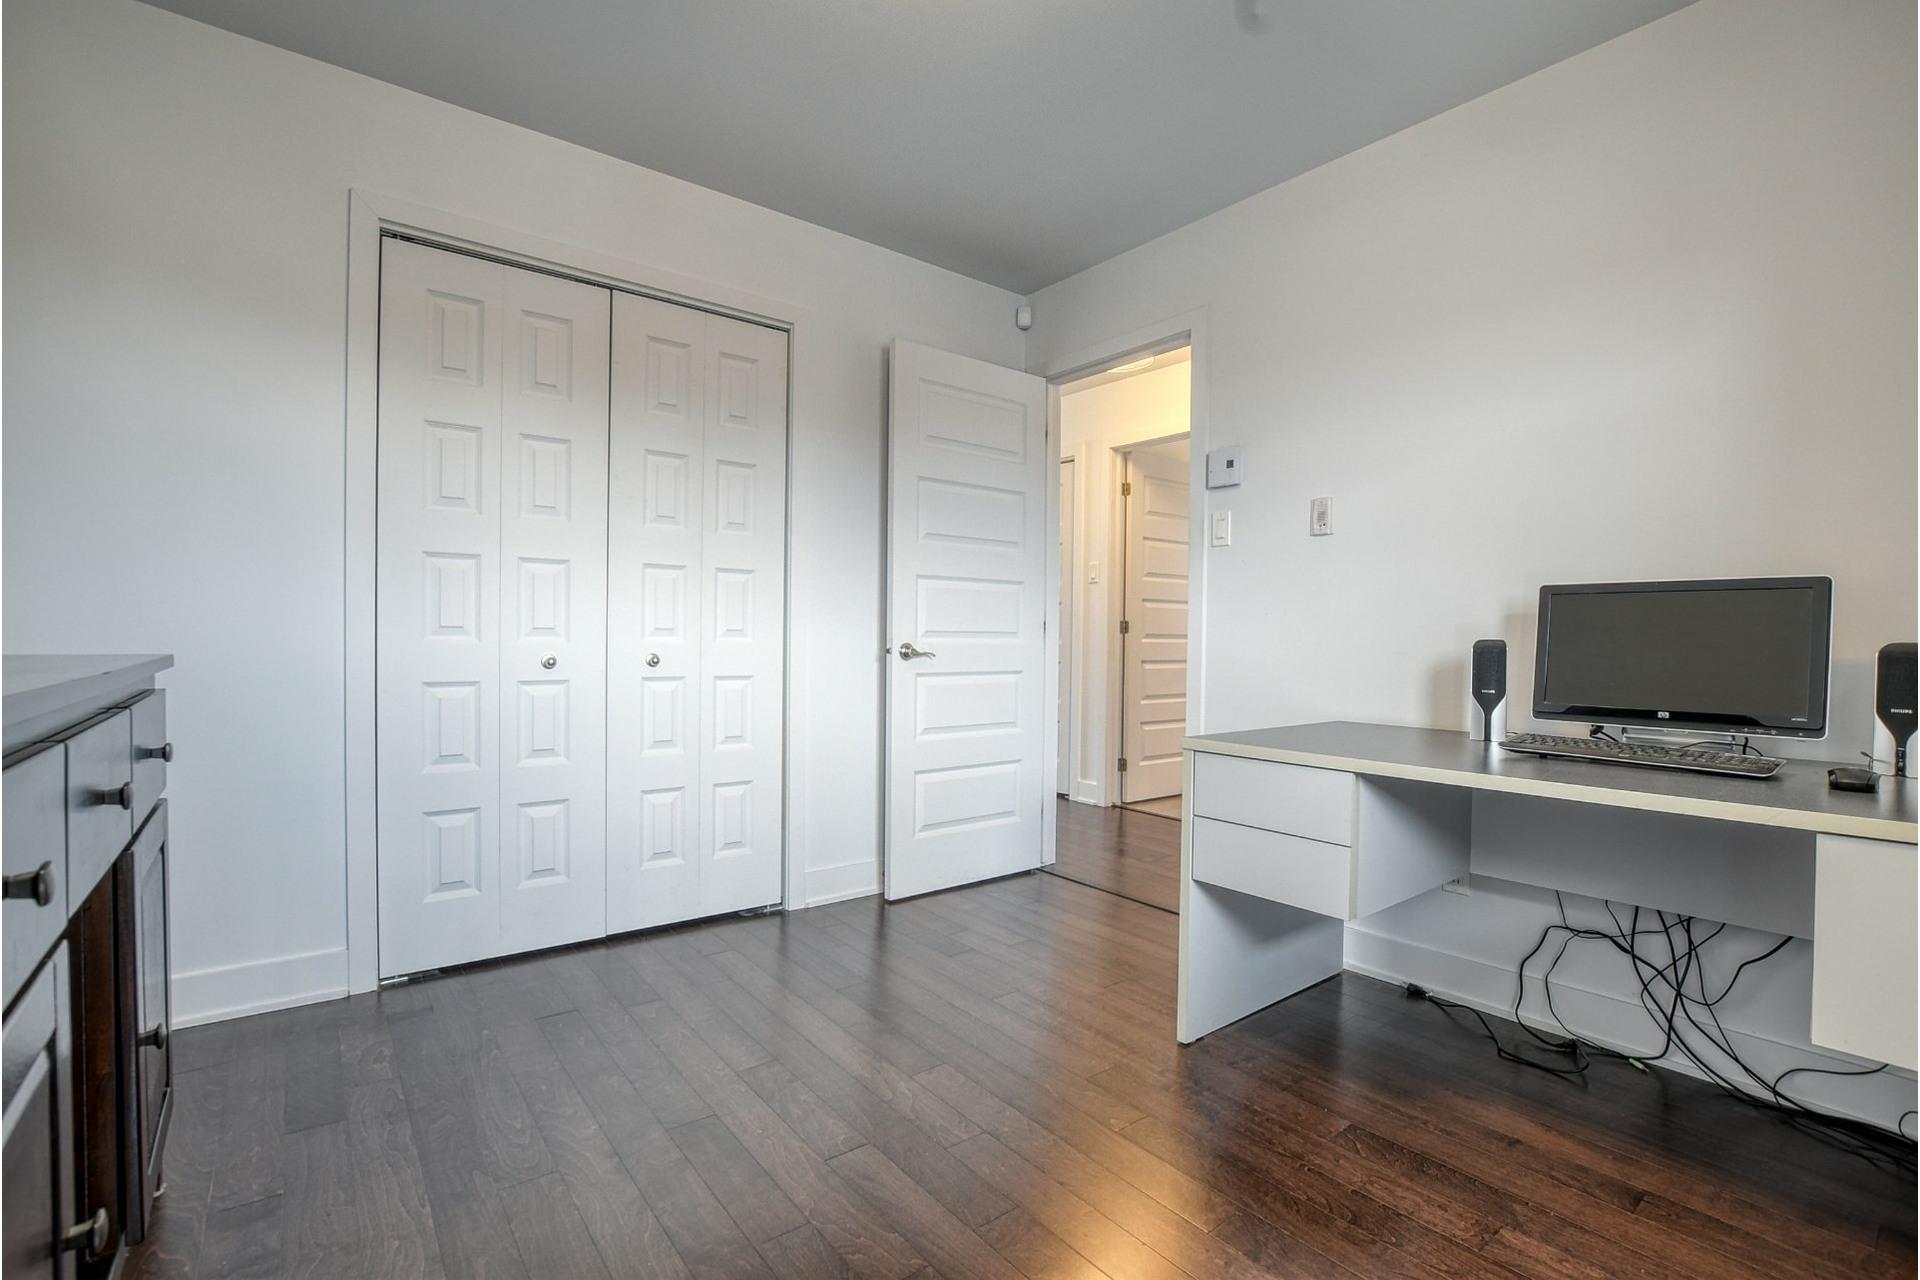 image 19 - Appartement À vendre Rivière-des-Prairies/Pointe-aux-Trembles Montréal  - 11 pièces